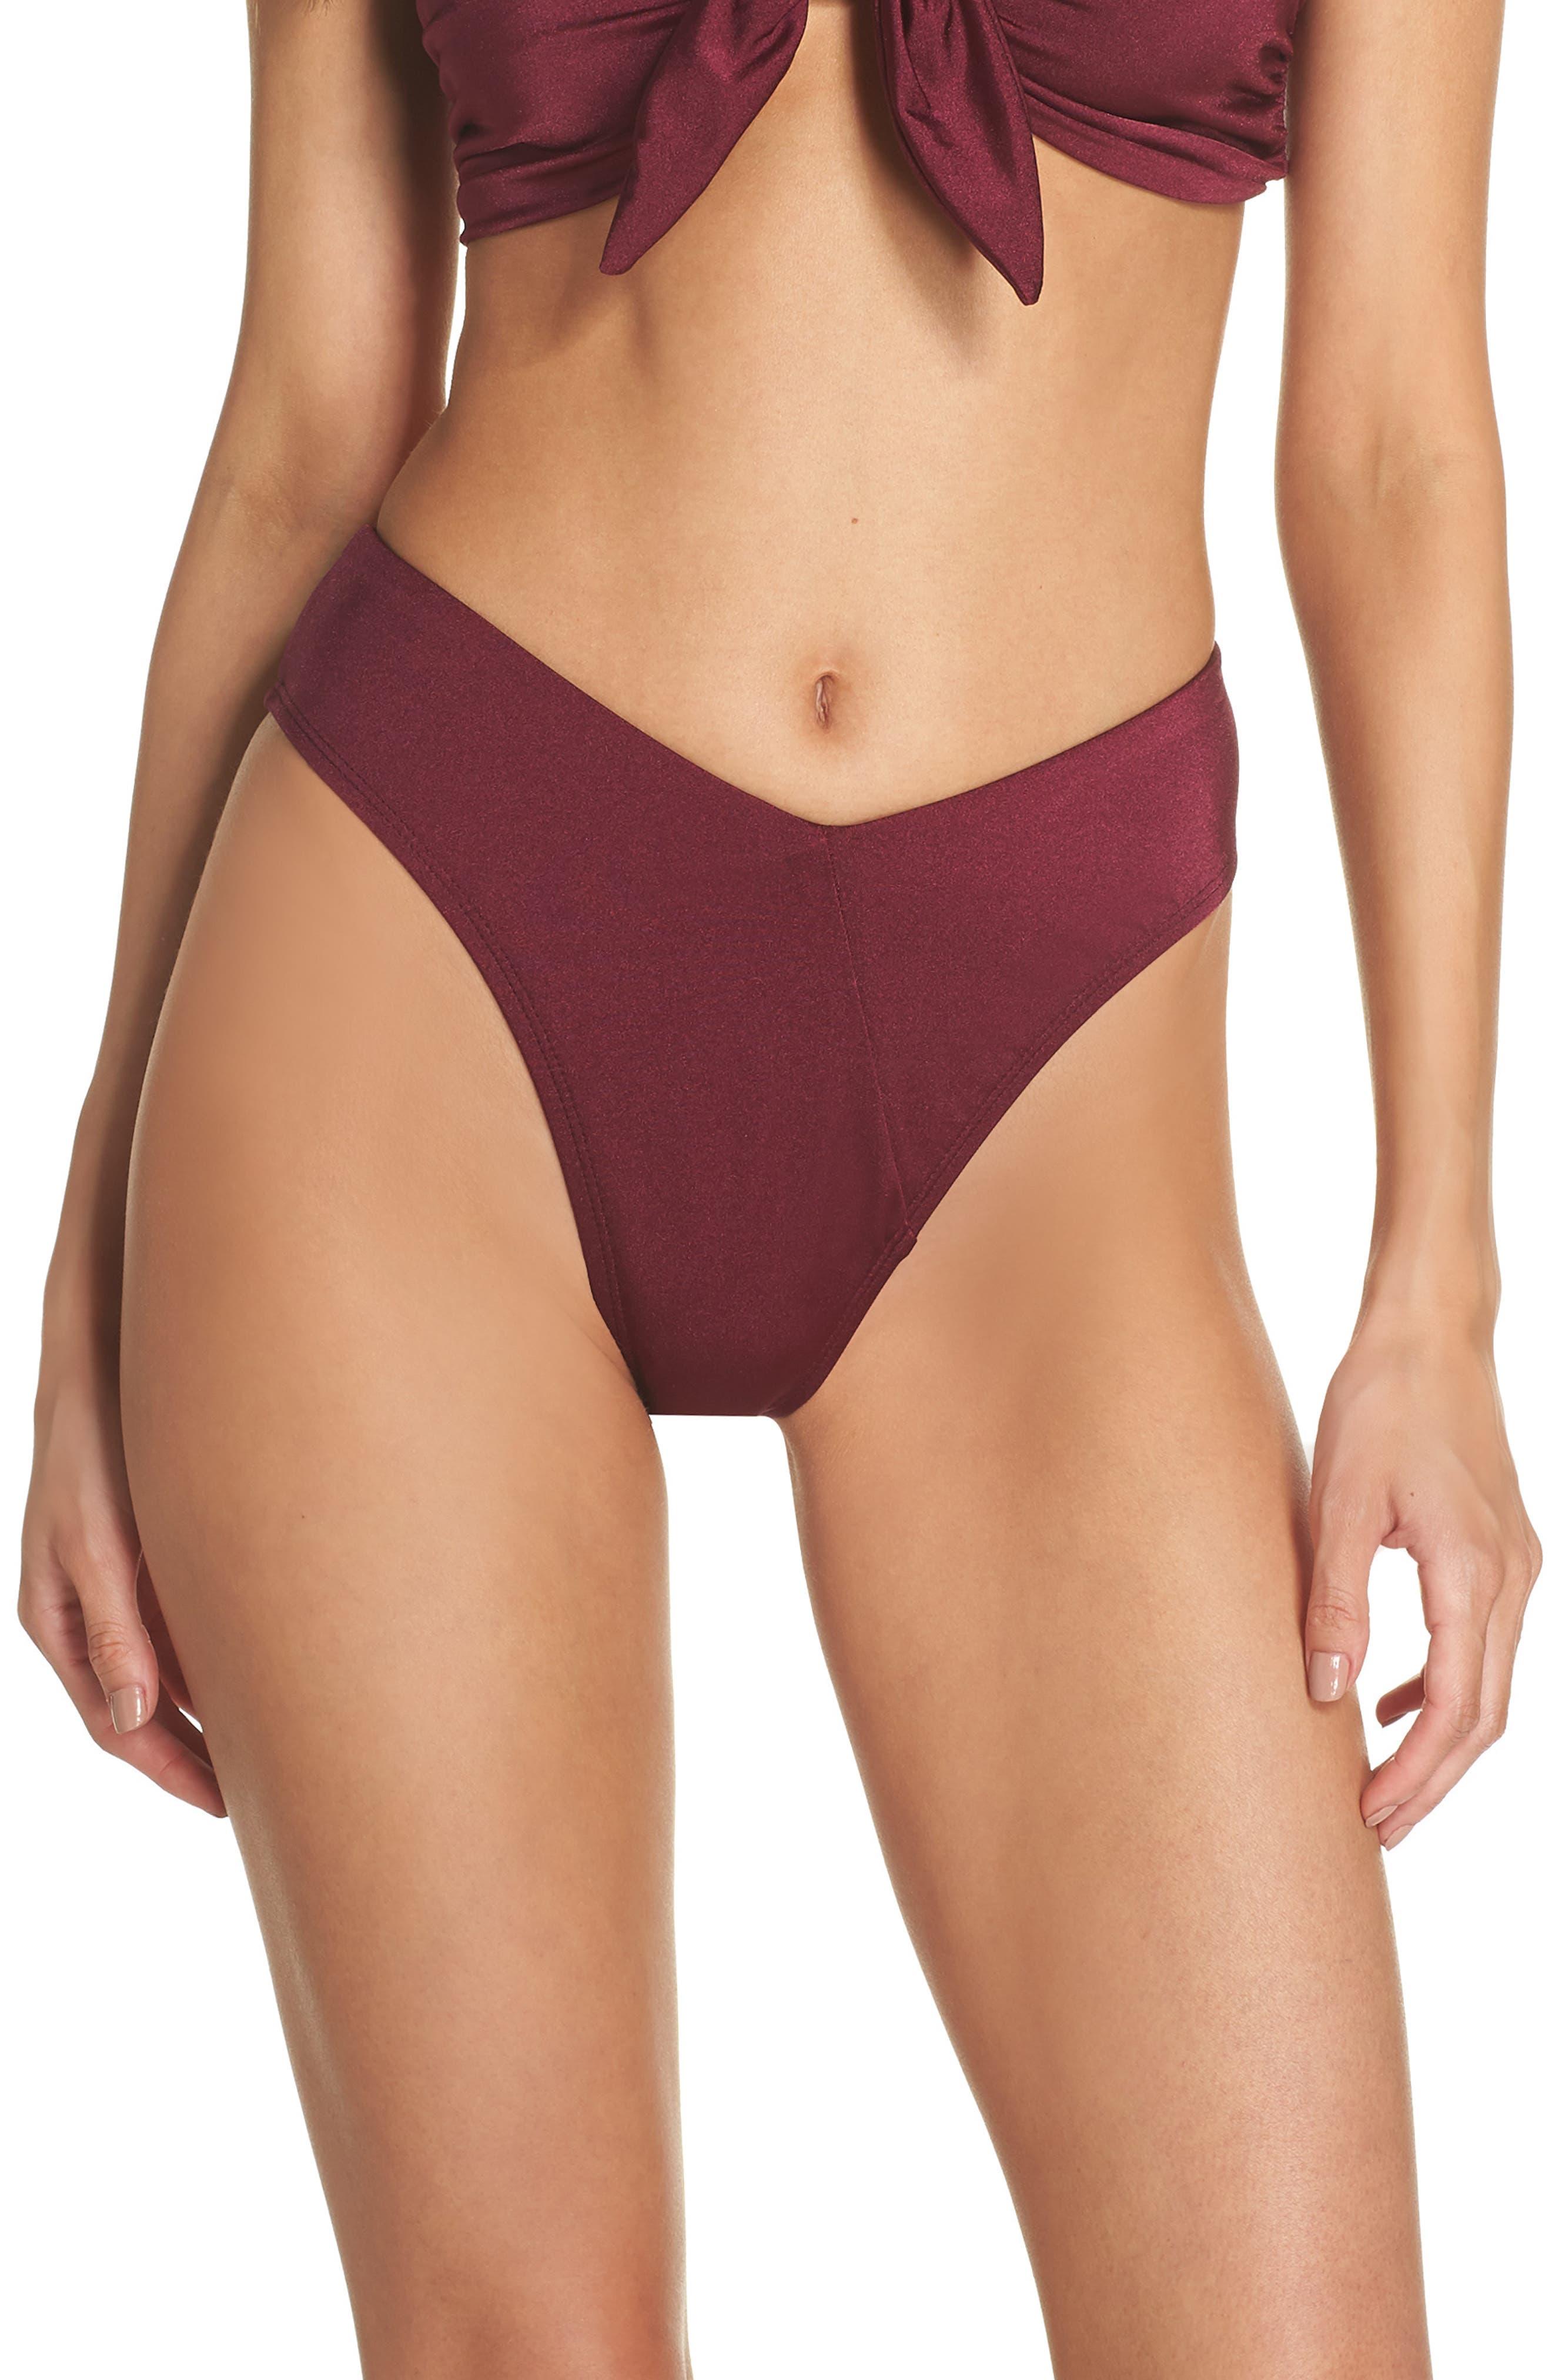 Riviera High Waist Bikini Bottoms,                         Main,                         color, BURGUNDY FIELD